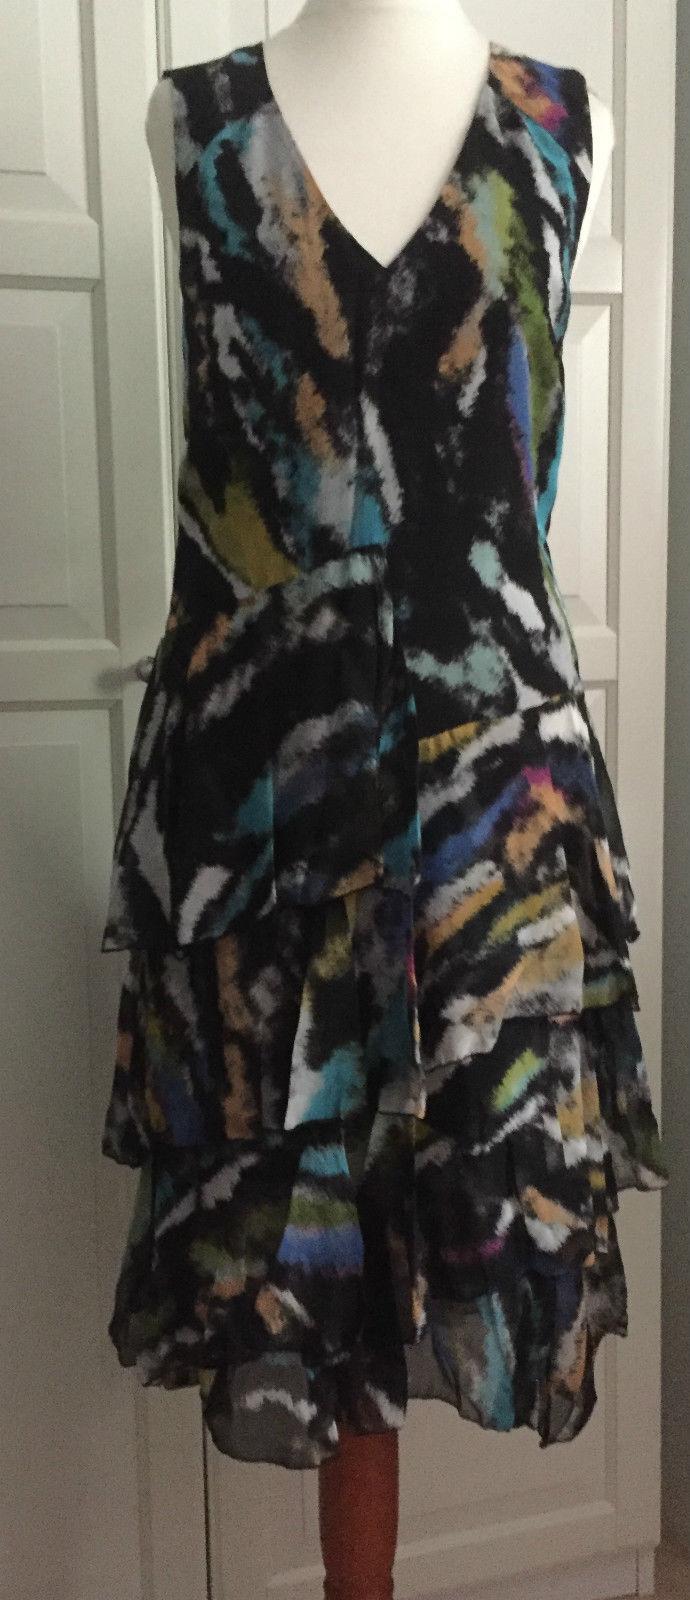 Matthew Williamson For h&m h&m h&m abito dress volant Abito seta silk EUR 40 Dimensione US 10 02f1c0